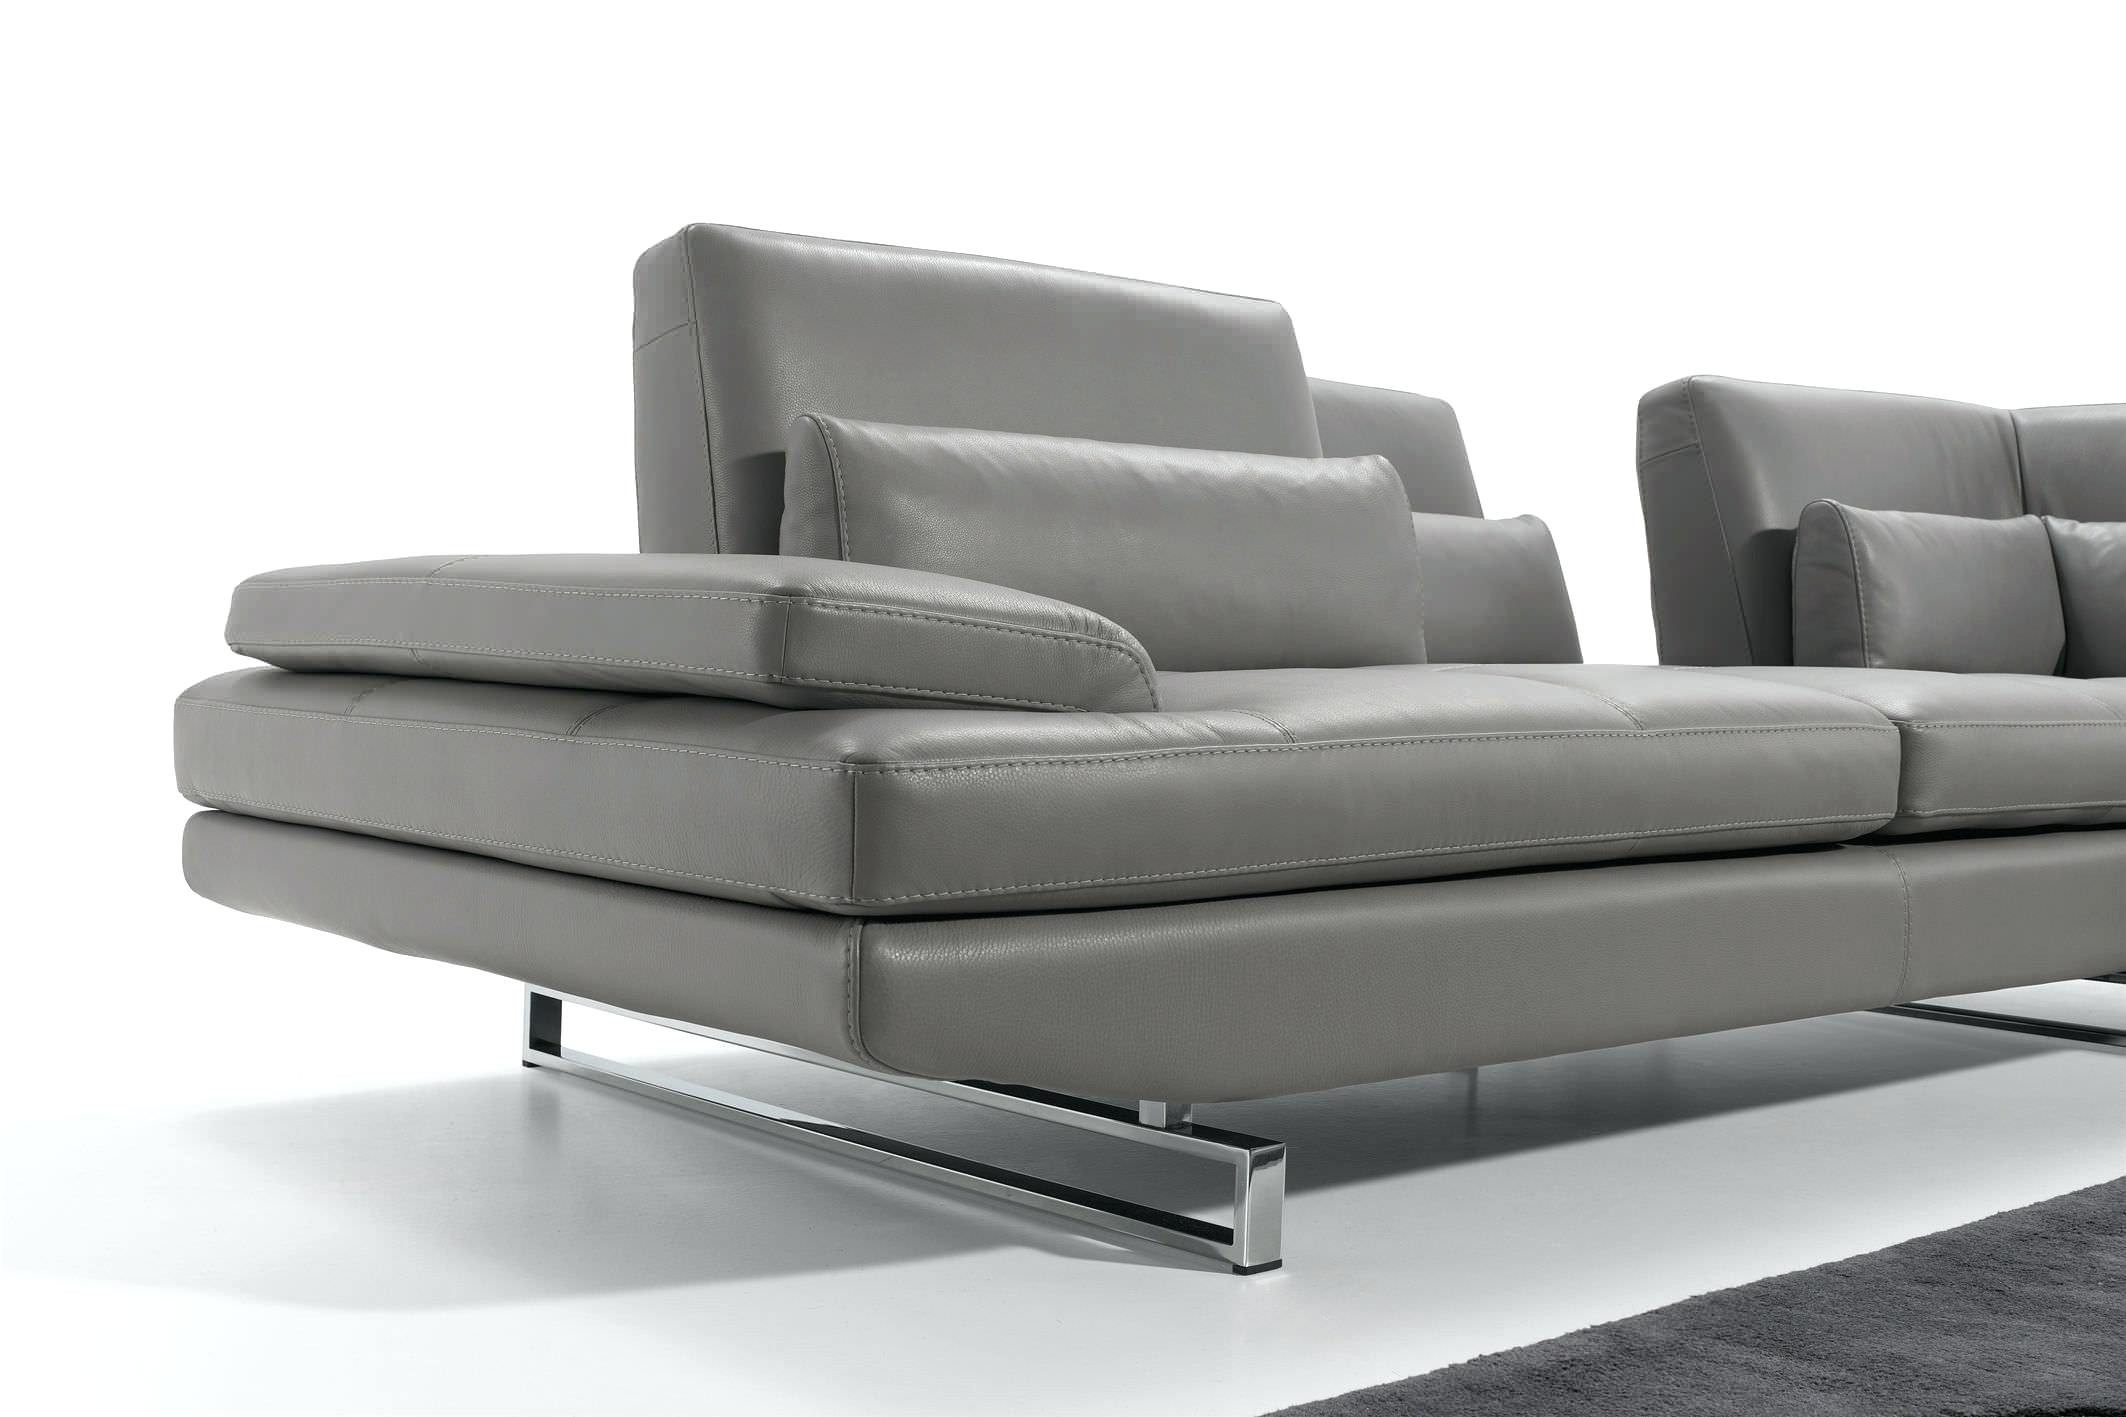 Lit Escamotable Superposé Nouveau Entra Nant Lit Superposé Avec Canapé Sur Lit Biné Armoire Fresh Lit